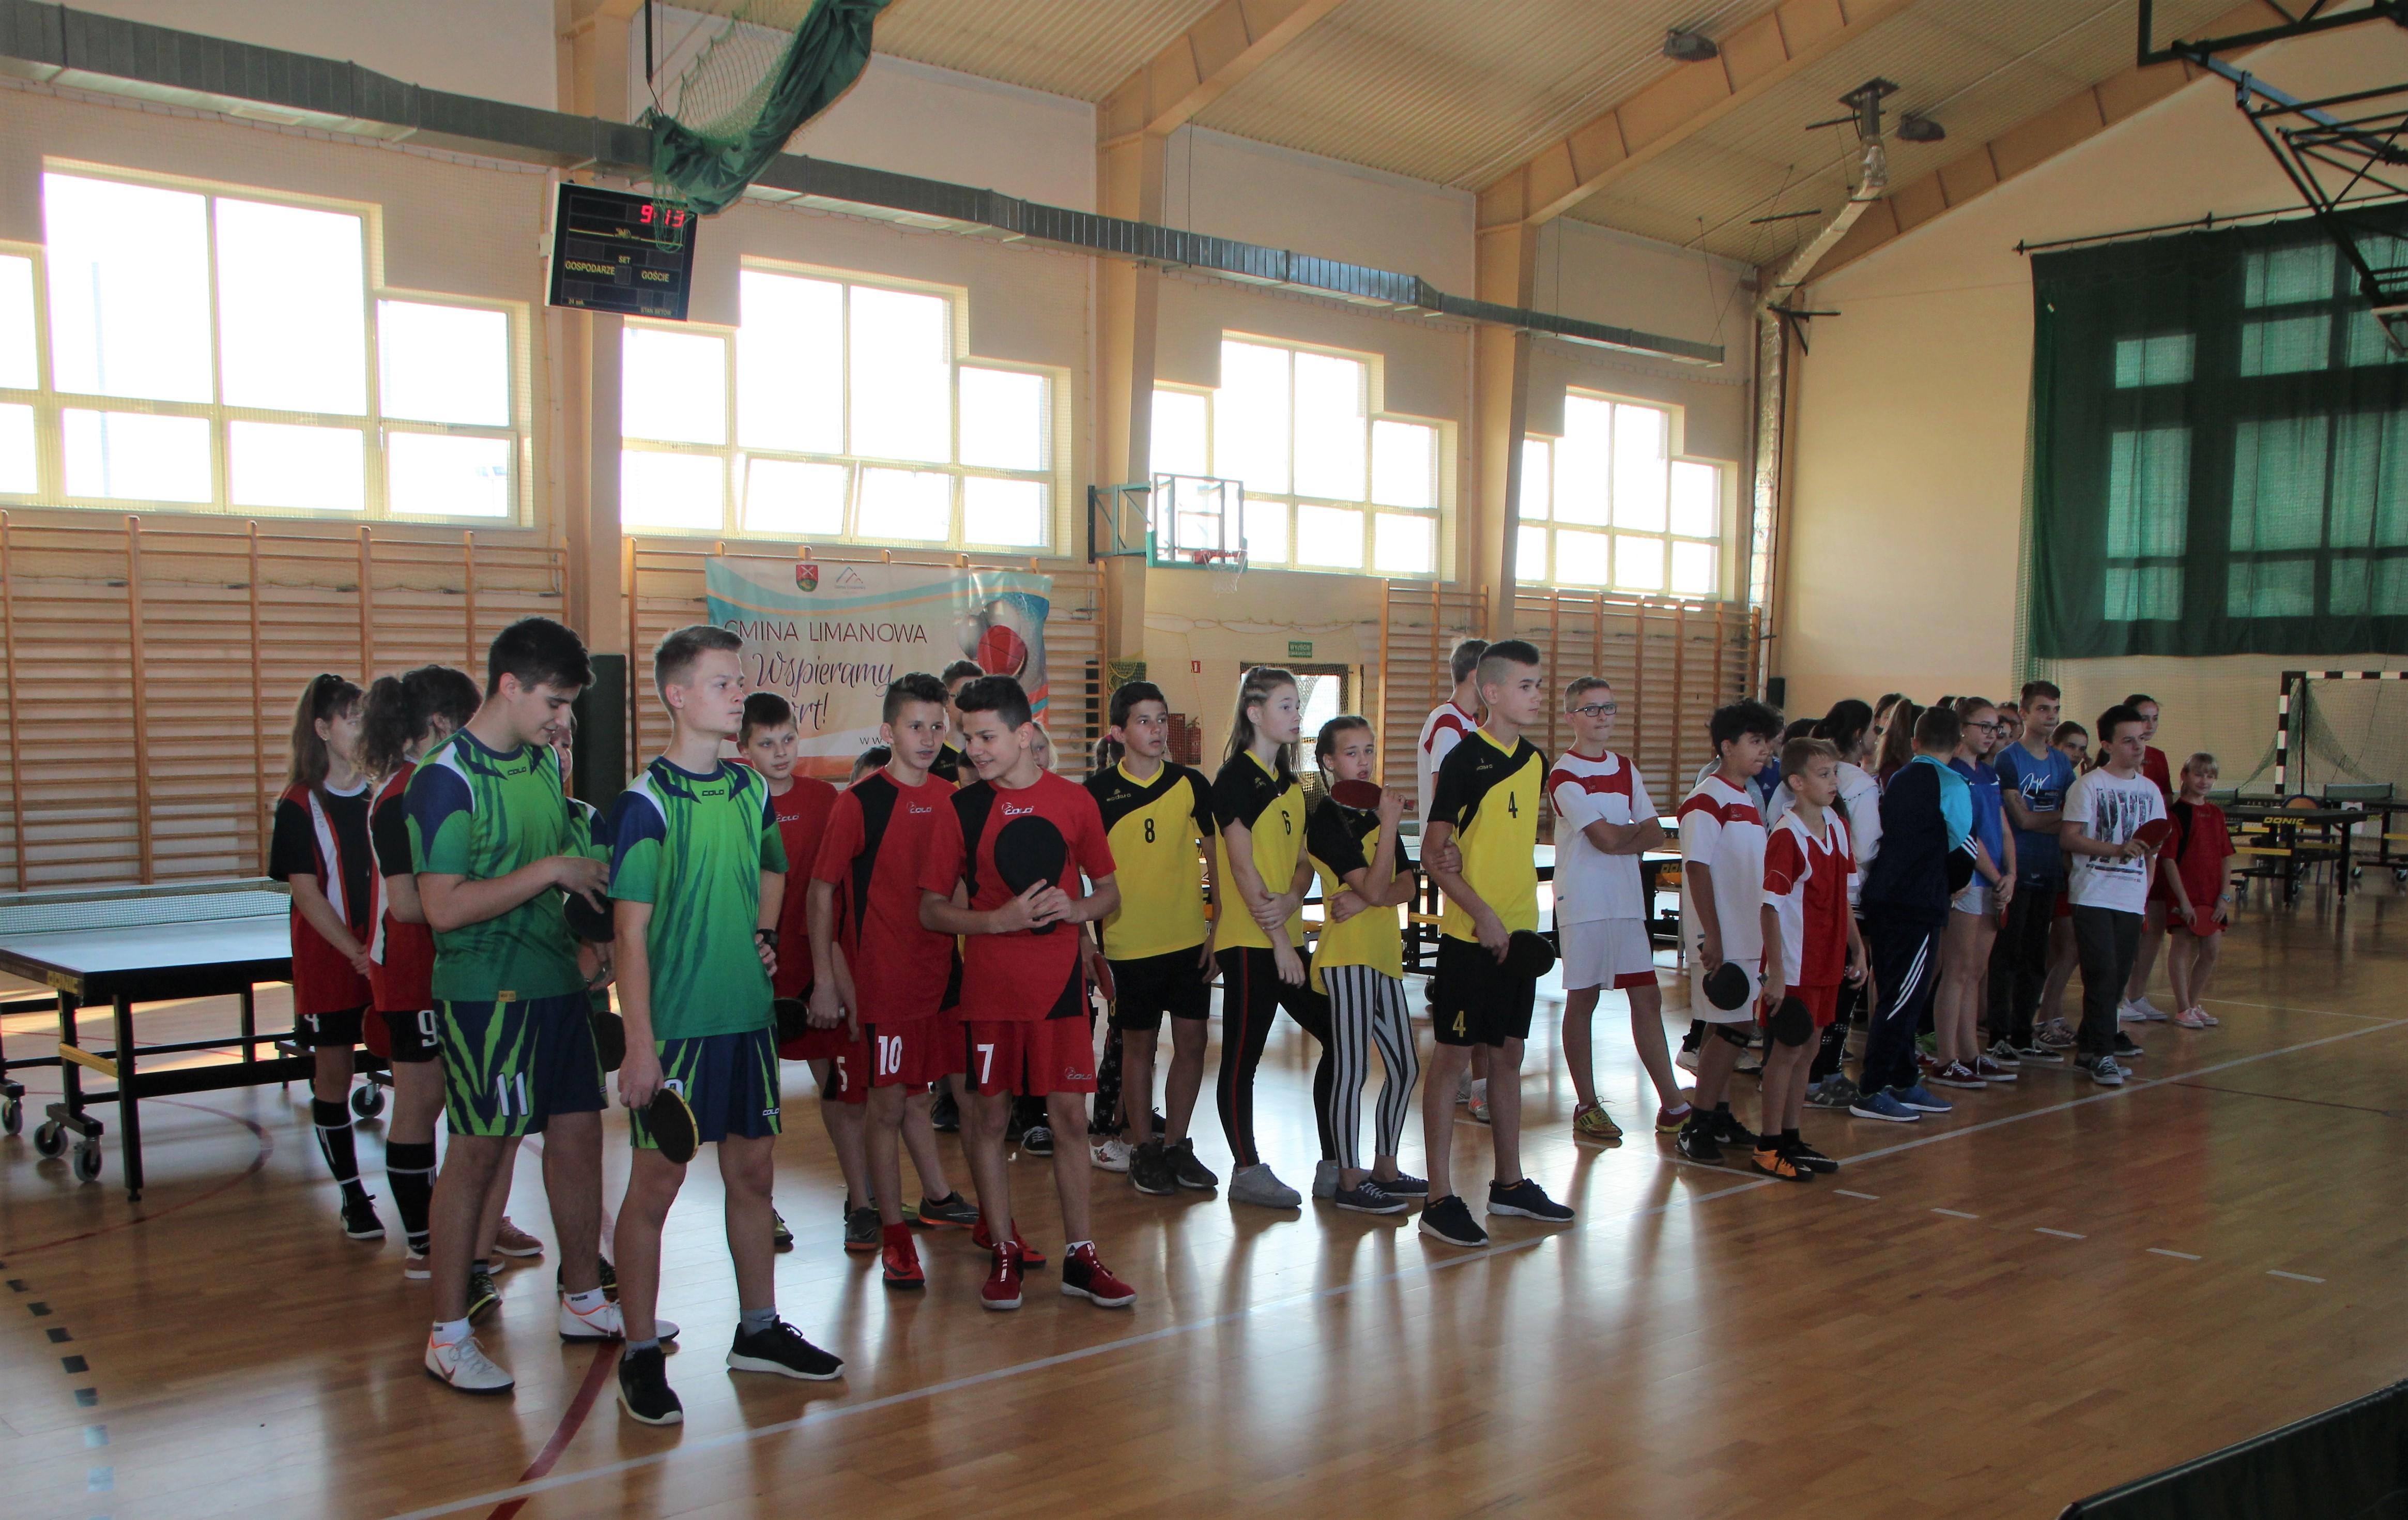 Mistrzostwa gminy Limanowa w tenisie stołowym - zdjęcie główne